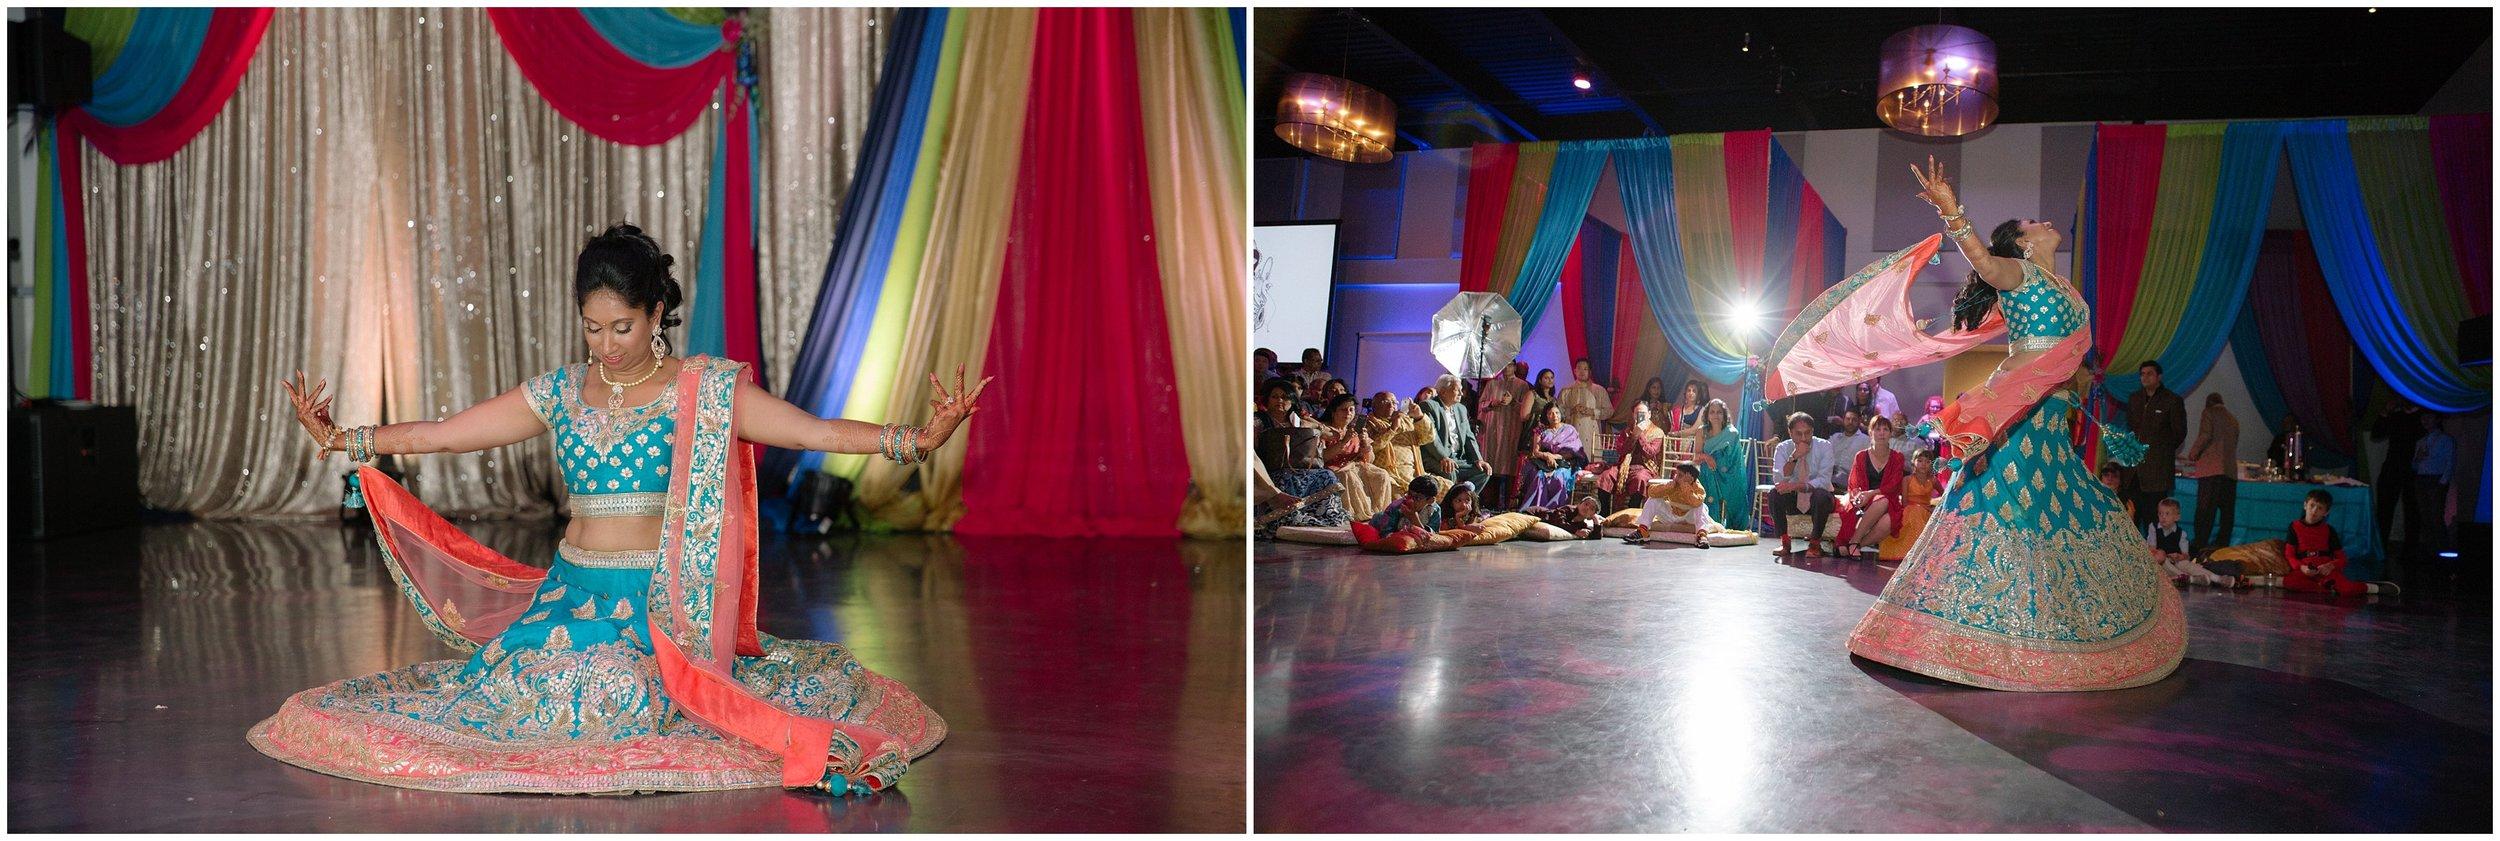 LeCapeWeddings_Shilpa_and_Ashok_2-248_LuxuryDestinationPhotographer.jpg